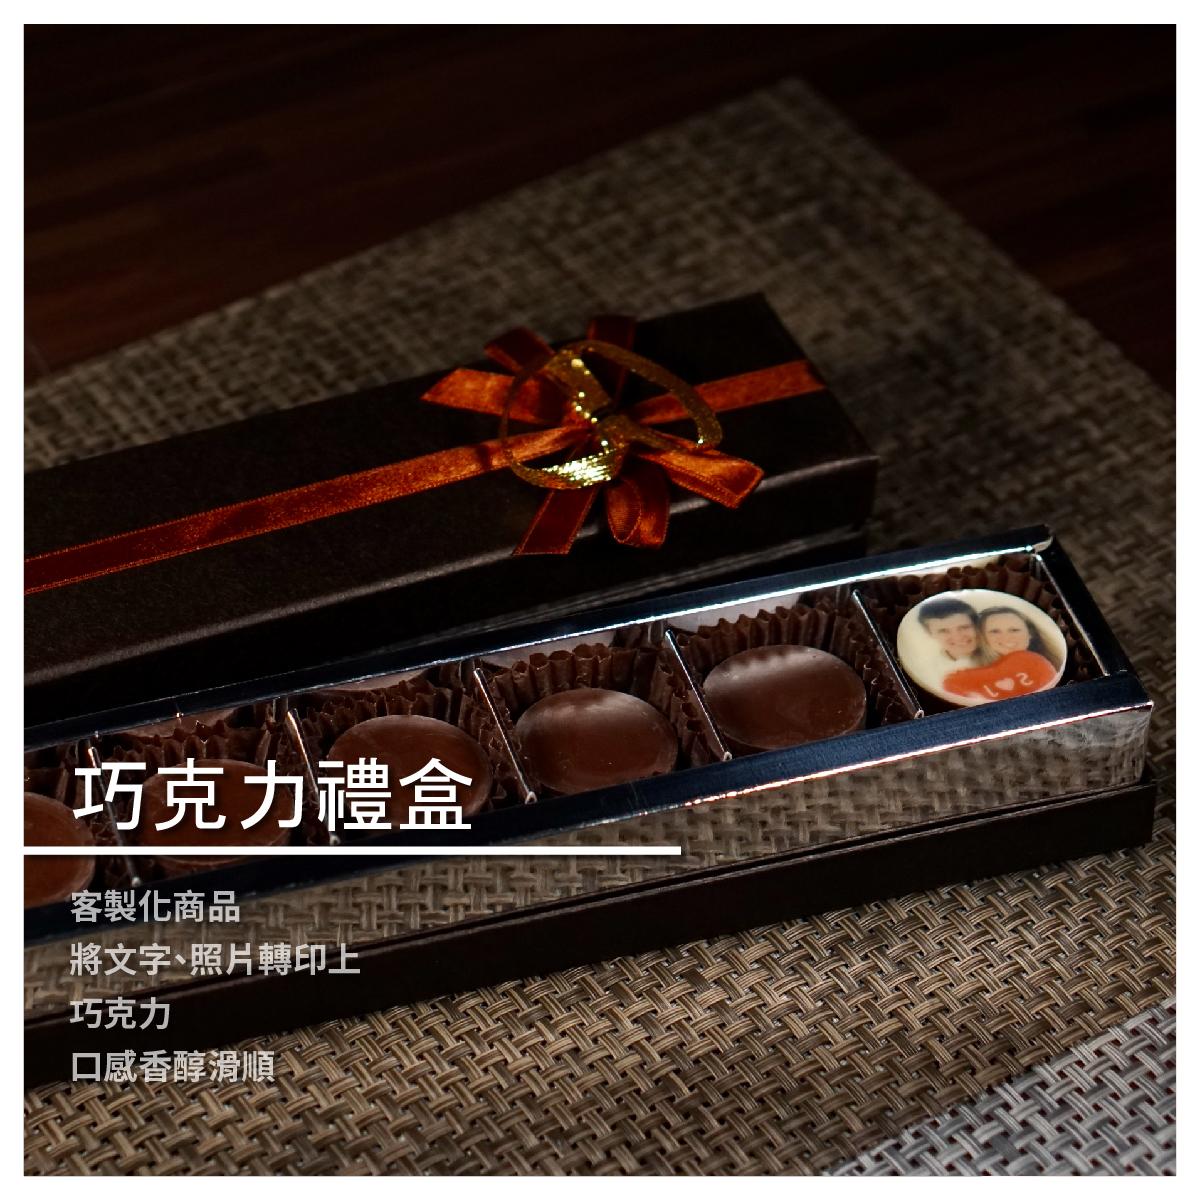 【糖加一烘焙坊】客製照片1張。巧克力禮盒/糖+1/情人節/創意/生日/愛情/彌月/禮物/節日